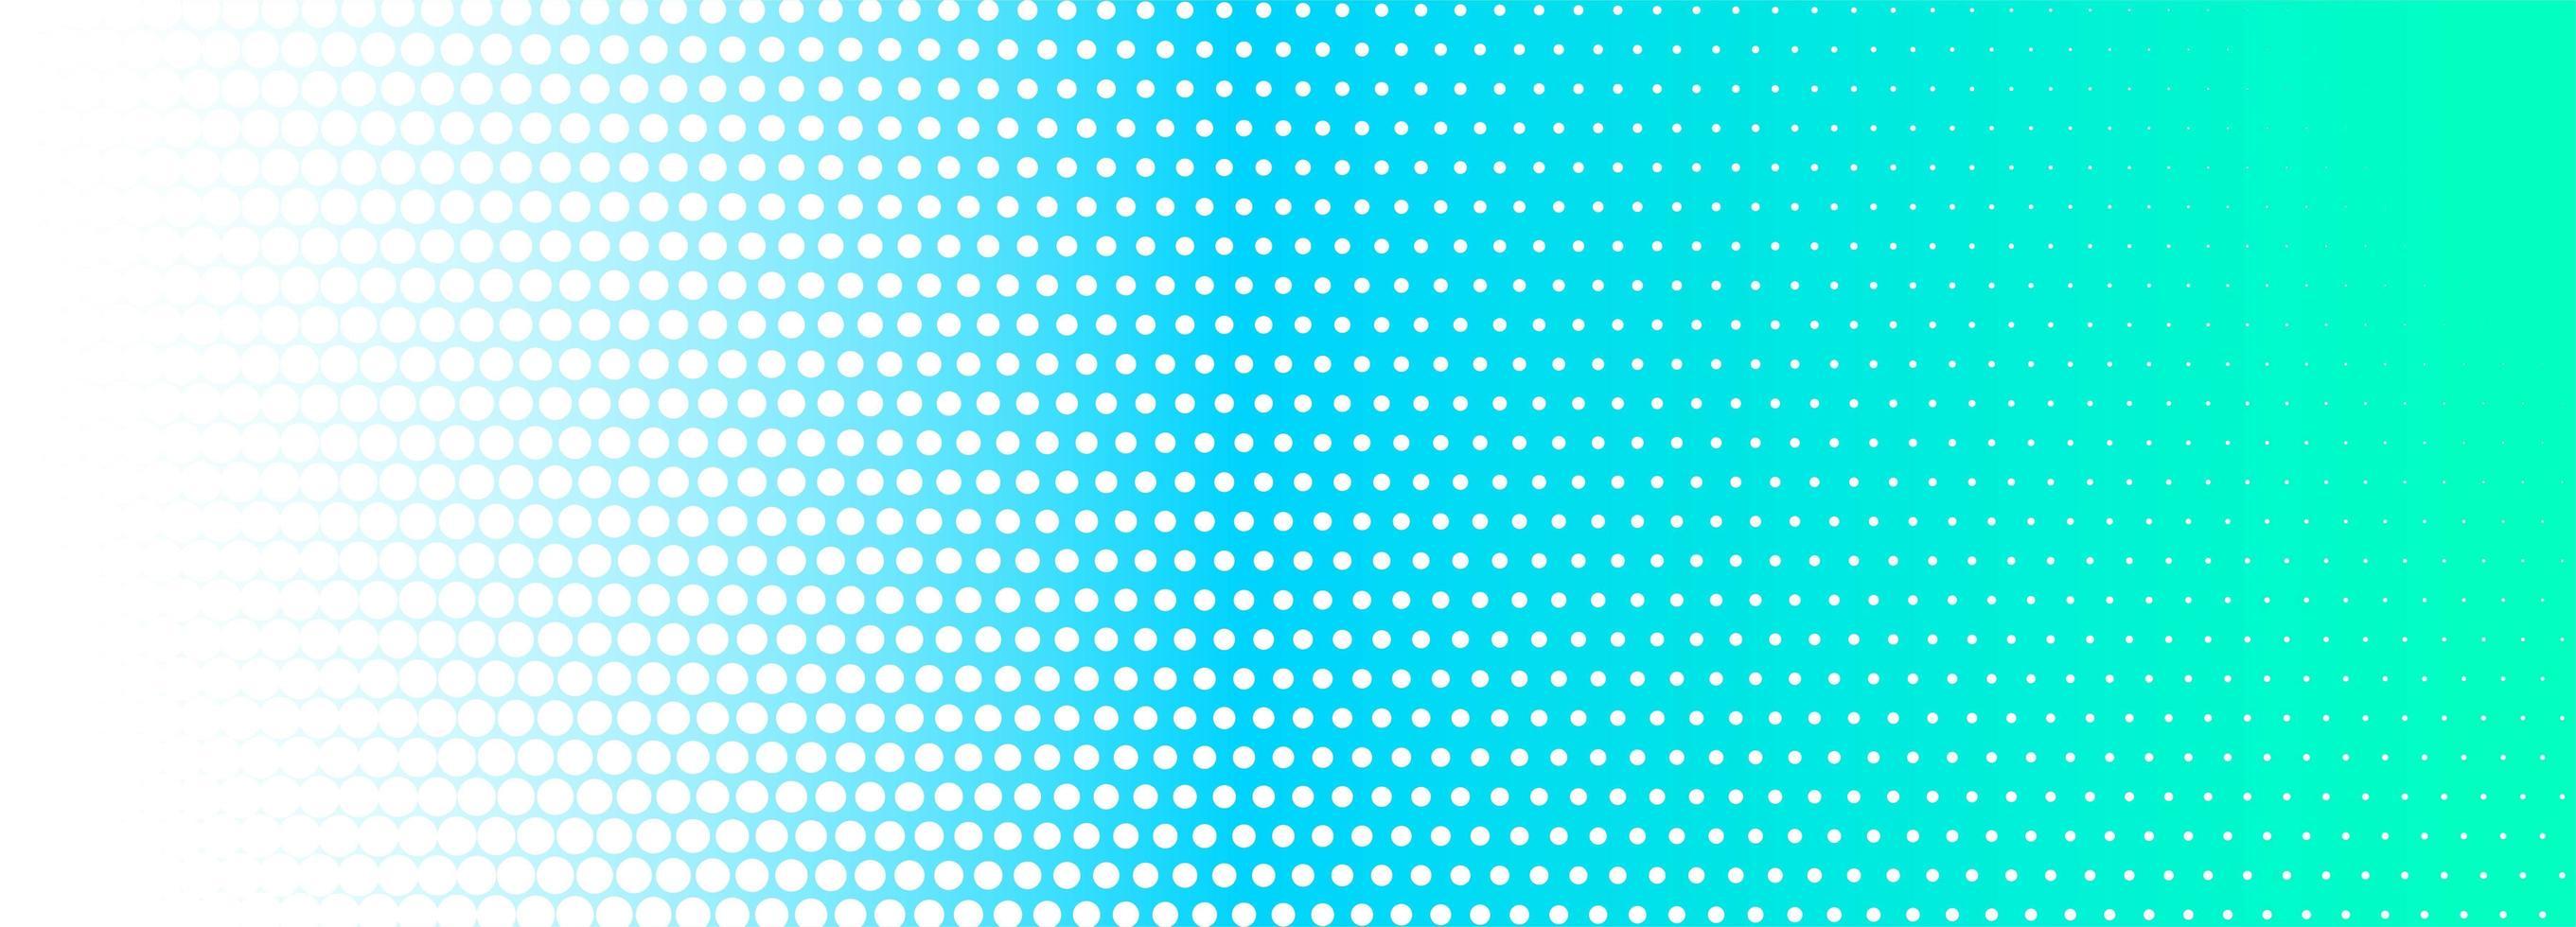 Bannière en pointillé dégradé vert et bleu vecteur